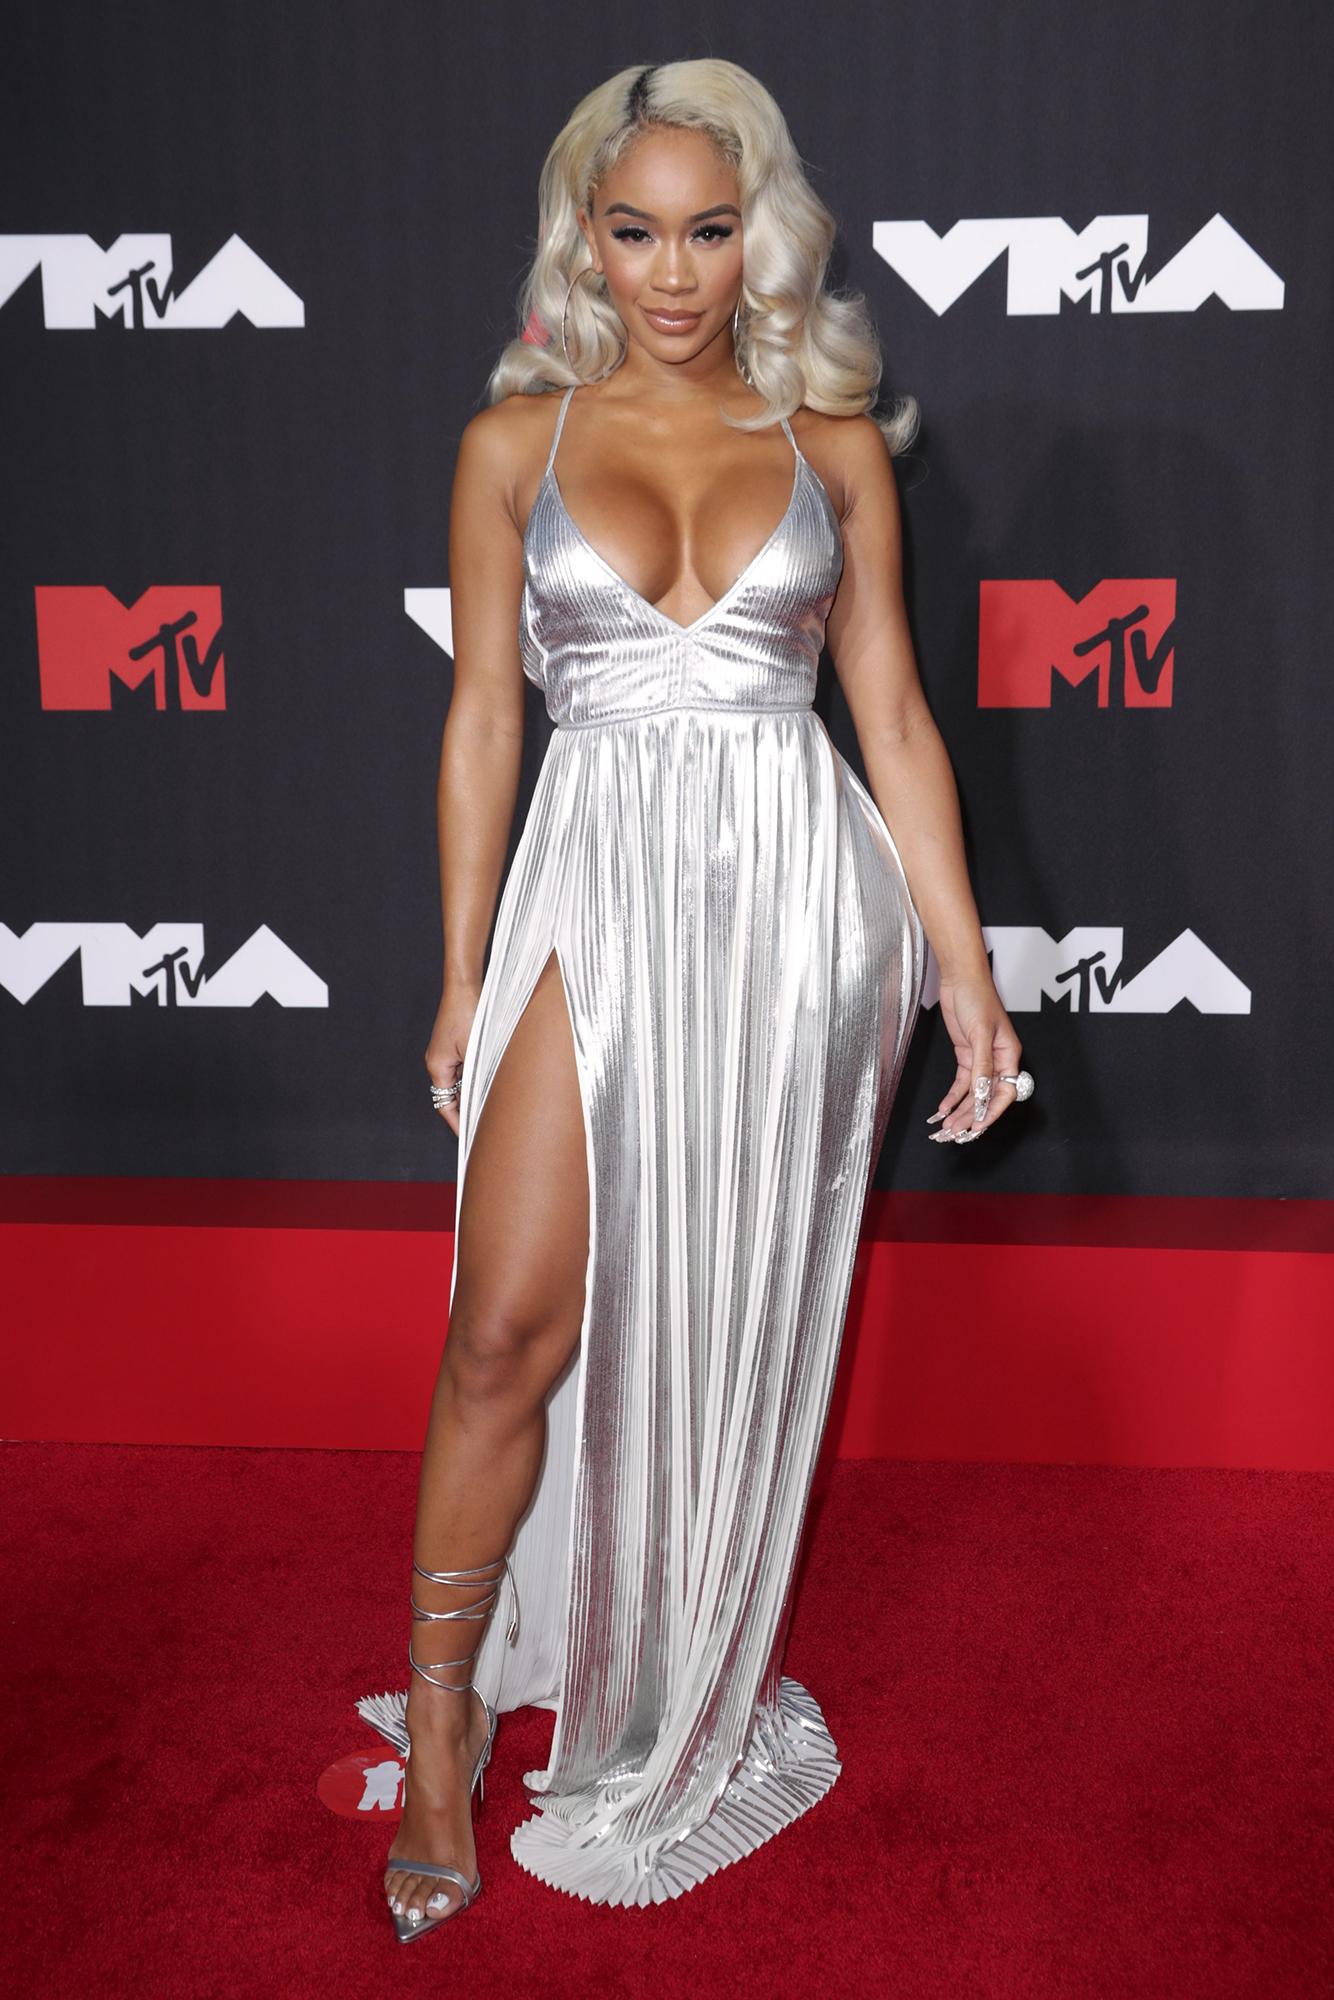 VMA Arrivals